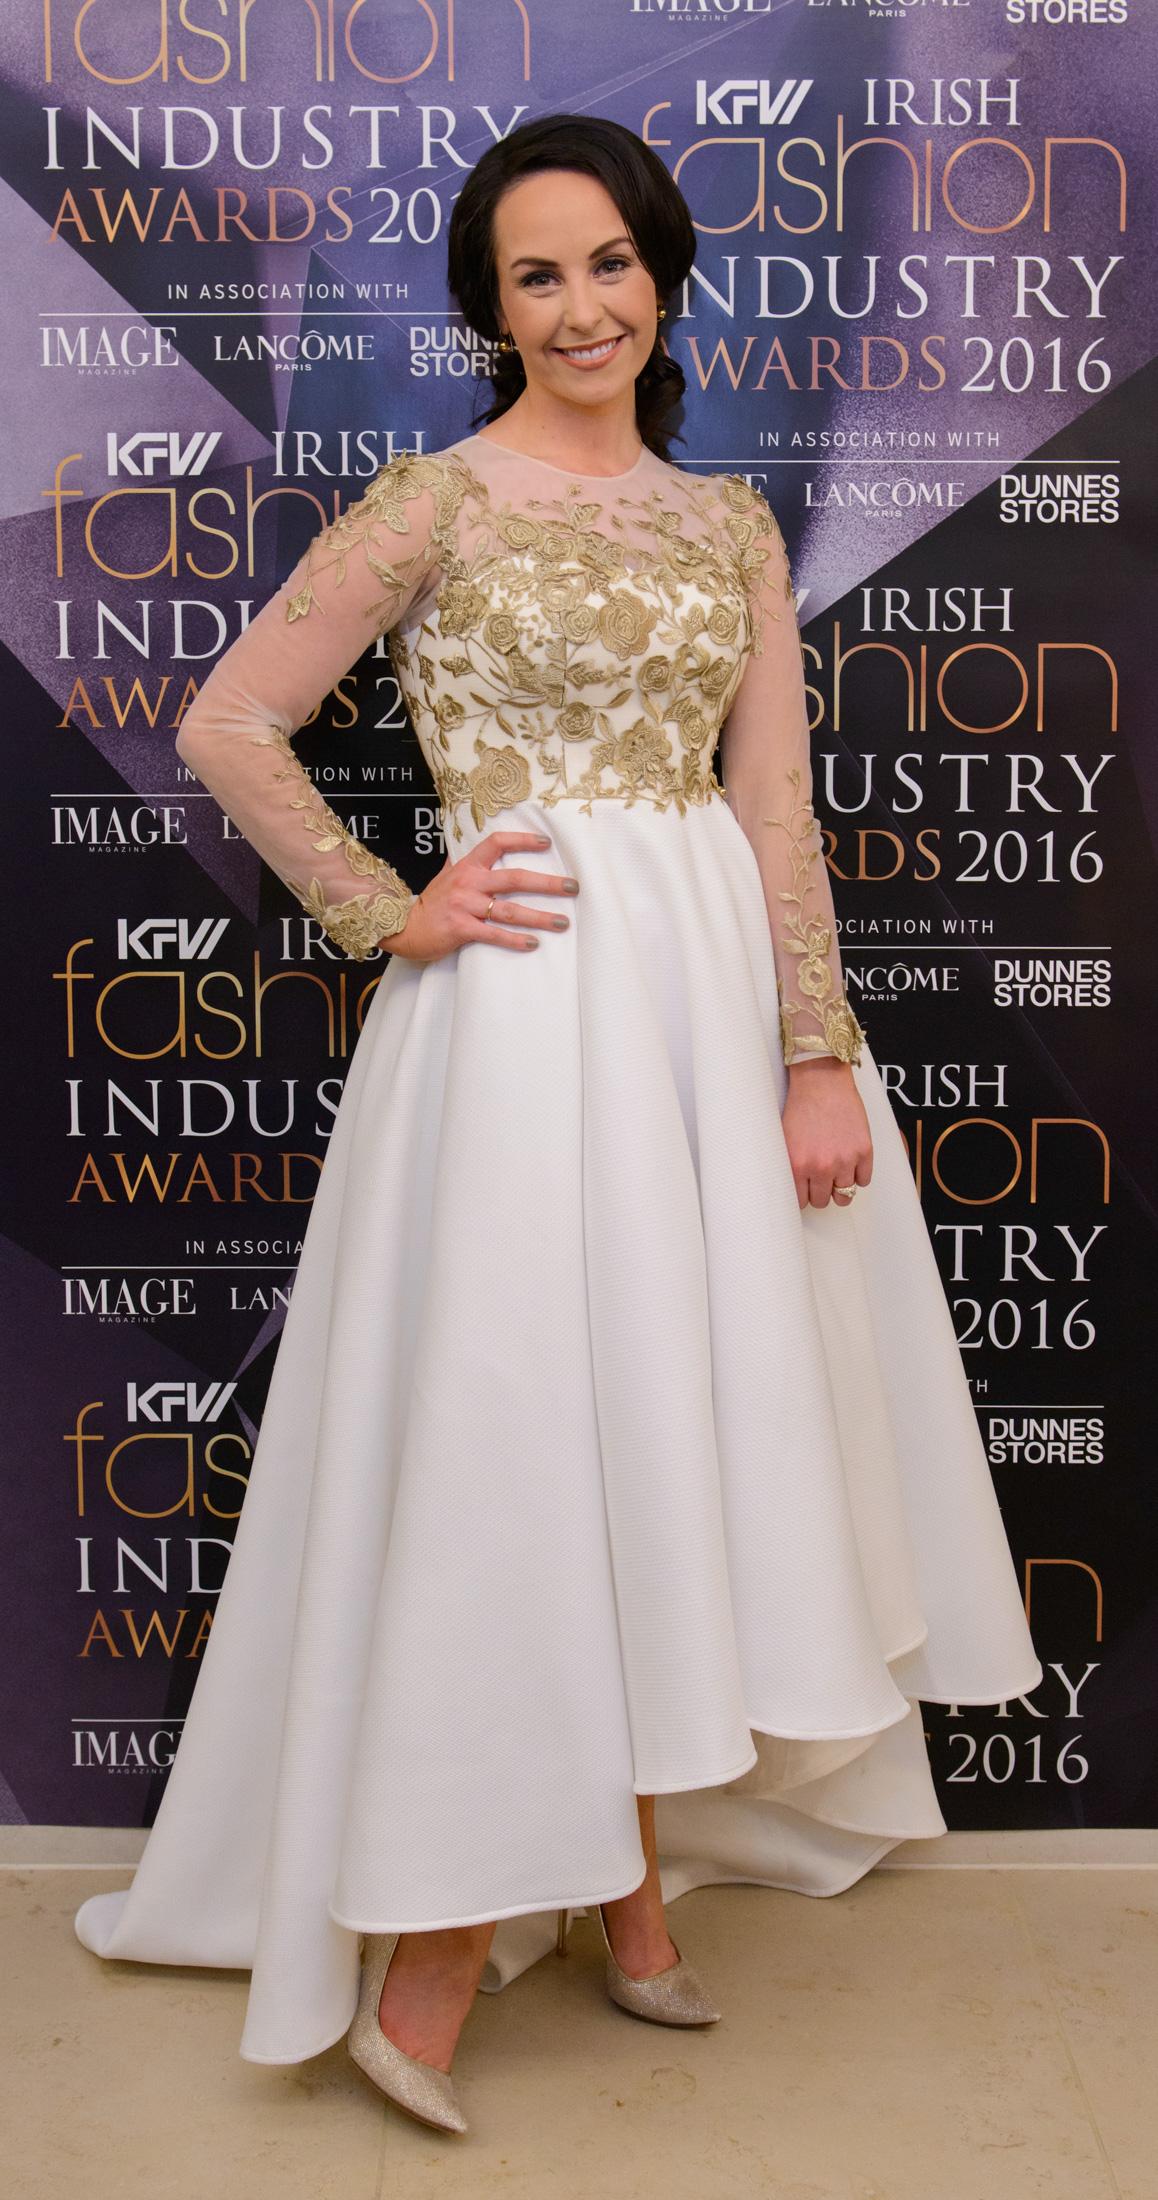 KFW16_Irish Fashion Industry Awards_9937.JPG